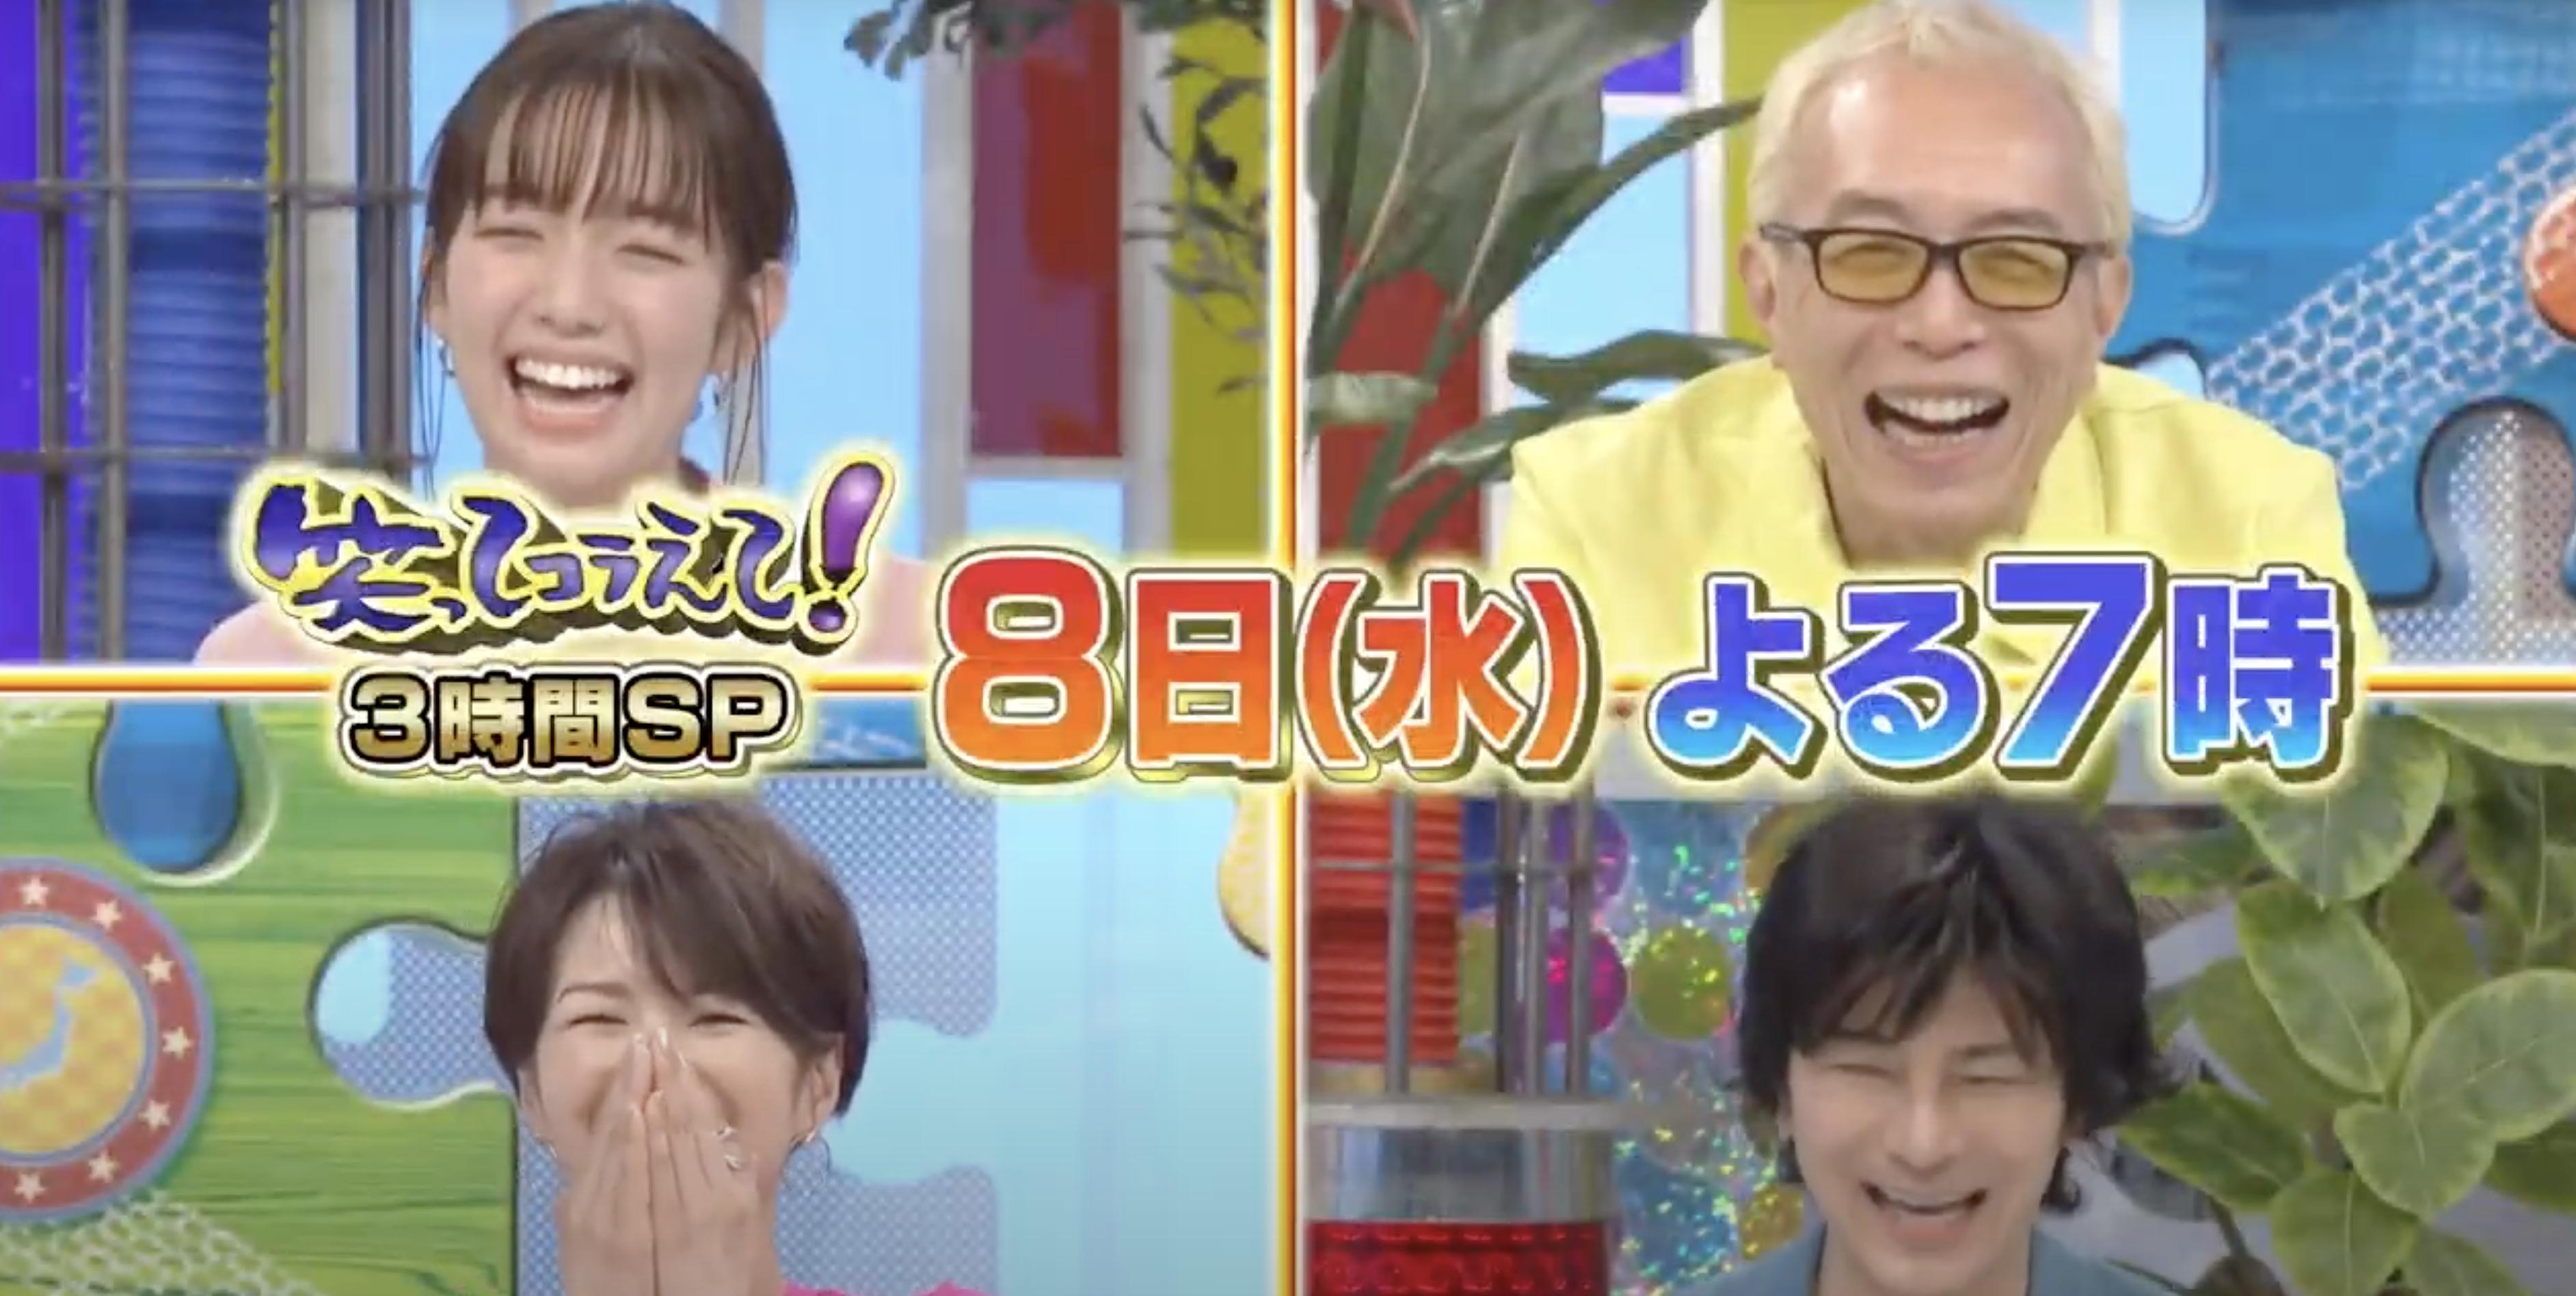 笑ってコラえて!(藤原竜也とデート)7月8日の無料動画や見逃し配信を視聴する方法!